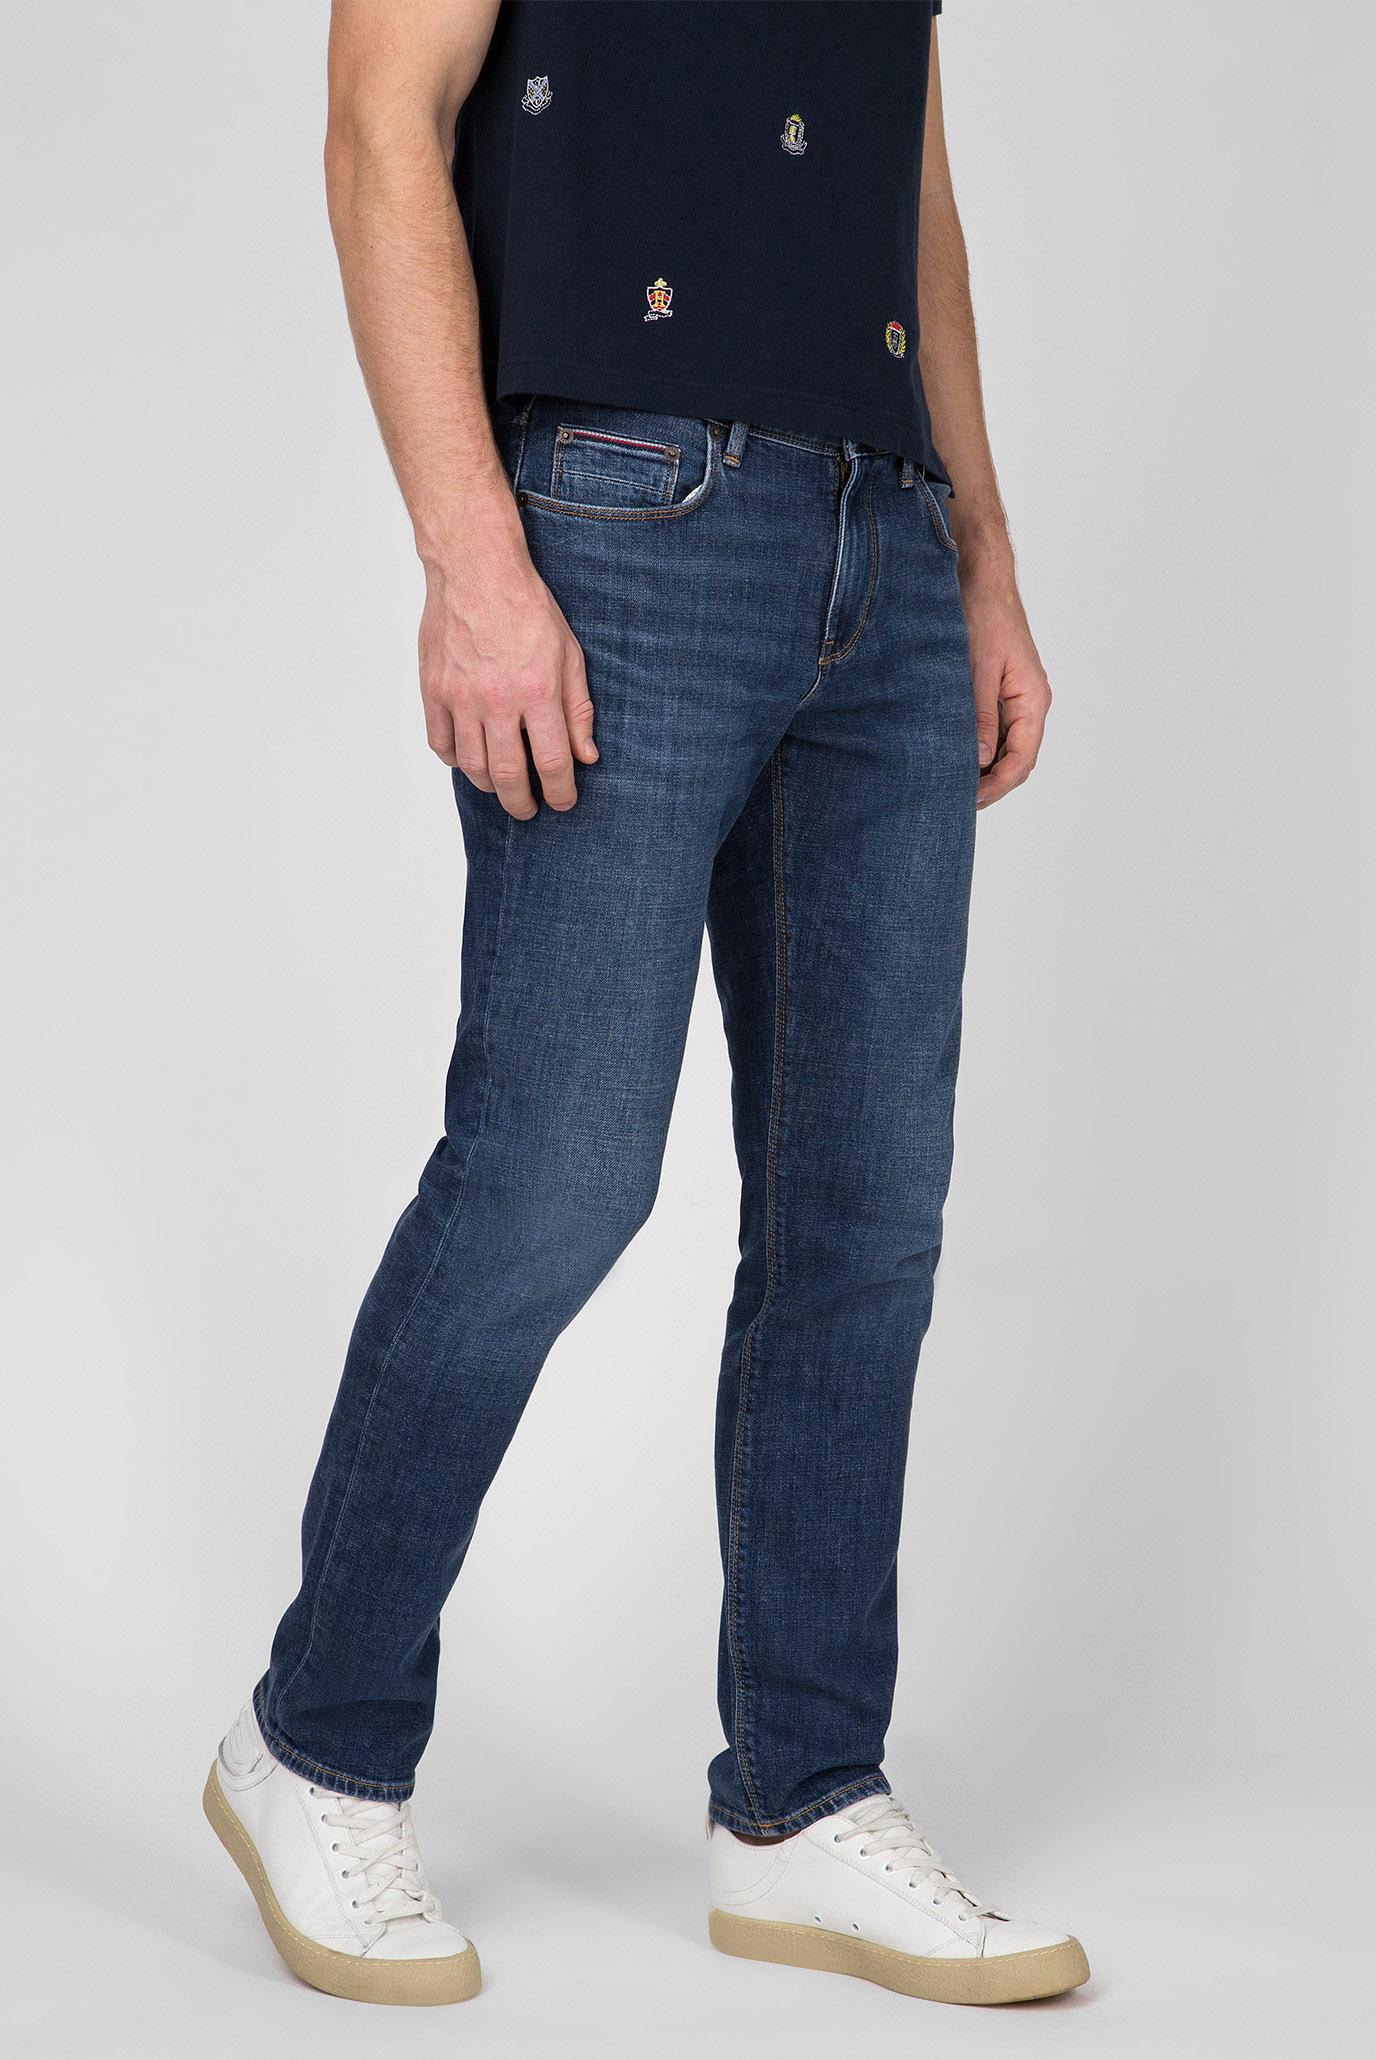 Купить Мужские синие джинсы Tommy Hilfiger Tommy Hilfiger MW0MW08093 – Киев, Украина. Цены в интернет магазине MD Fashion